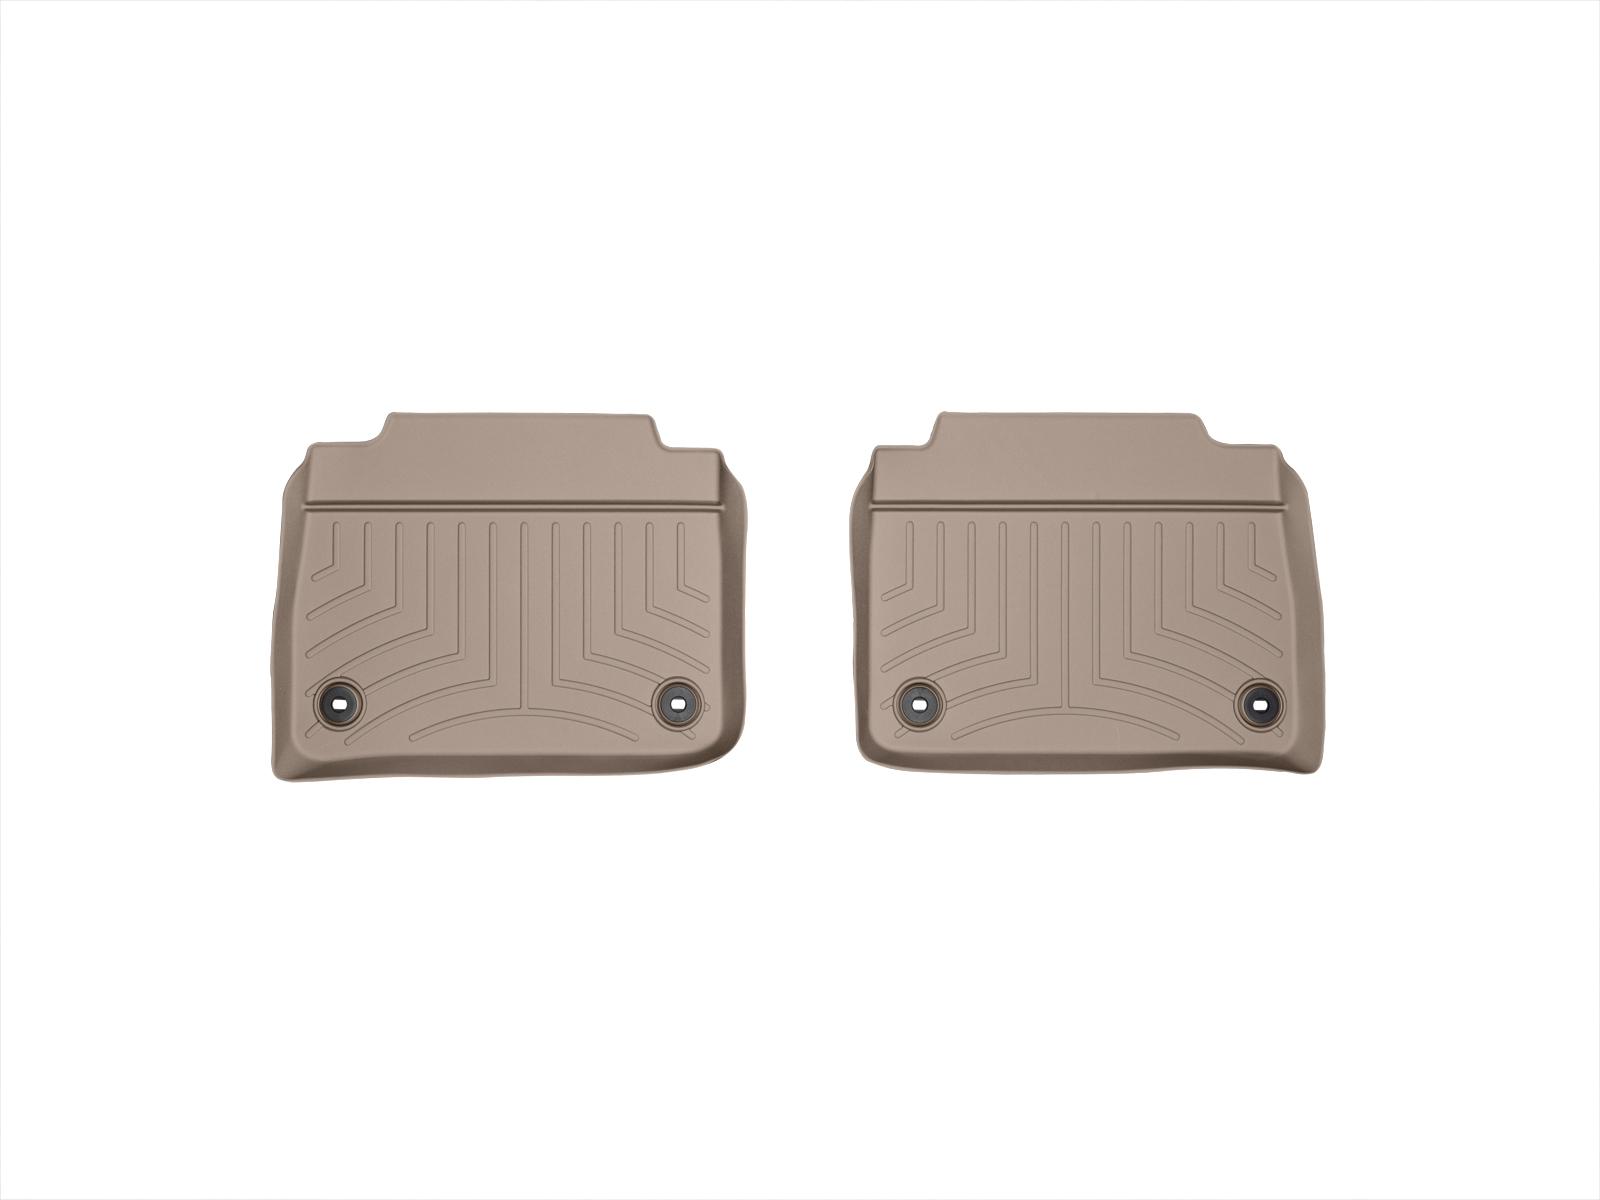 Tappeti gomma su misura bordo alto Lexus LS 13>17 Marrone A2071